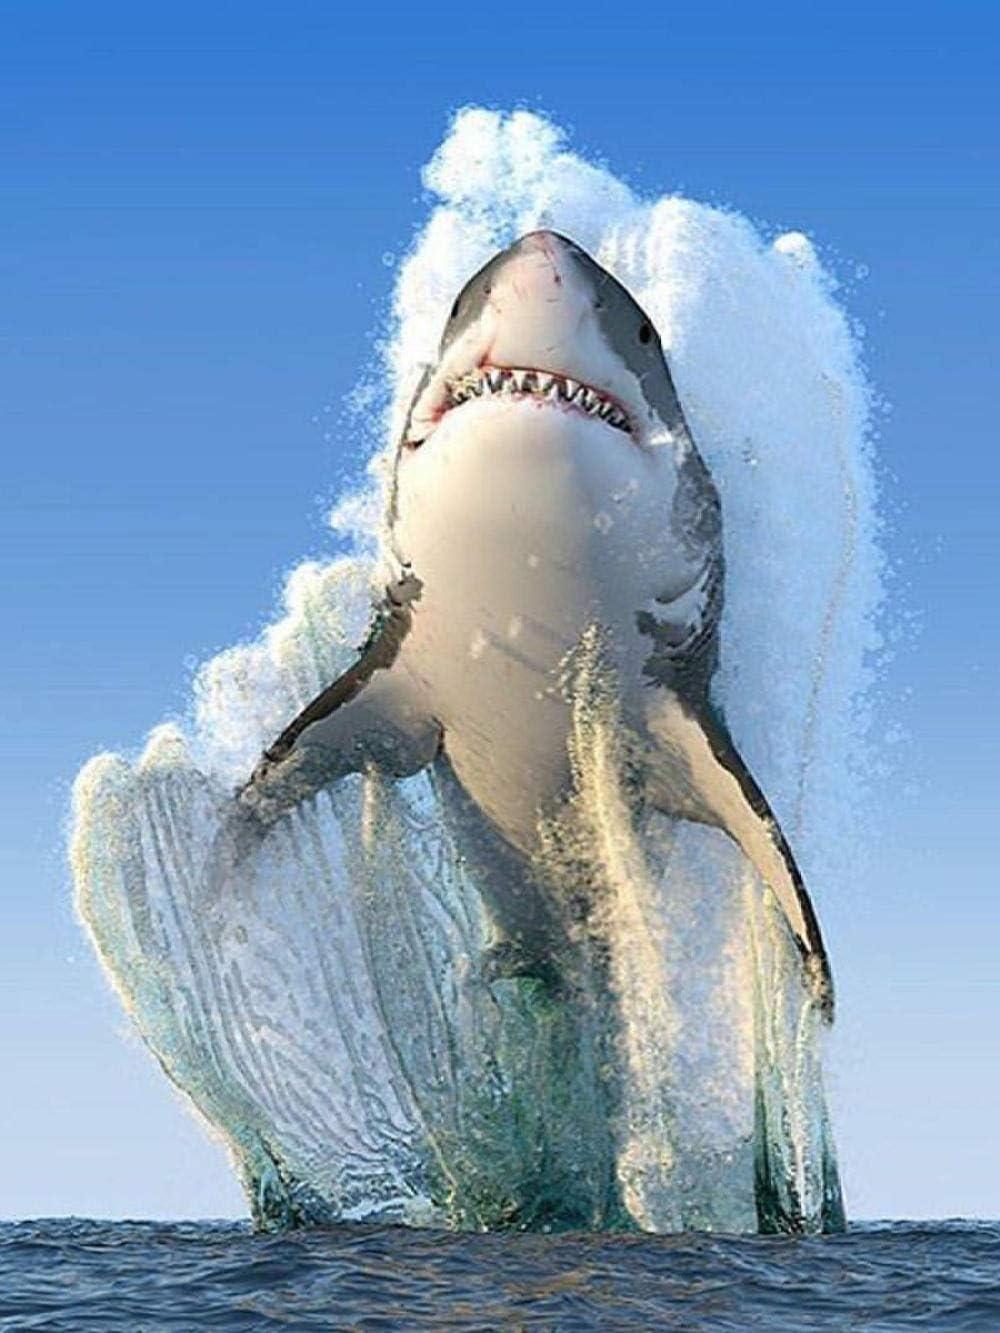 WSSHUIYI Pintura 5D diamante para adultos y niños Tiburón saltando Taladro completo Bordado redondo Kits de punto de cruz Artesanía Decoración Colgante de Pared Casero-40x50cm